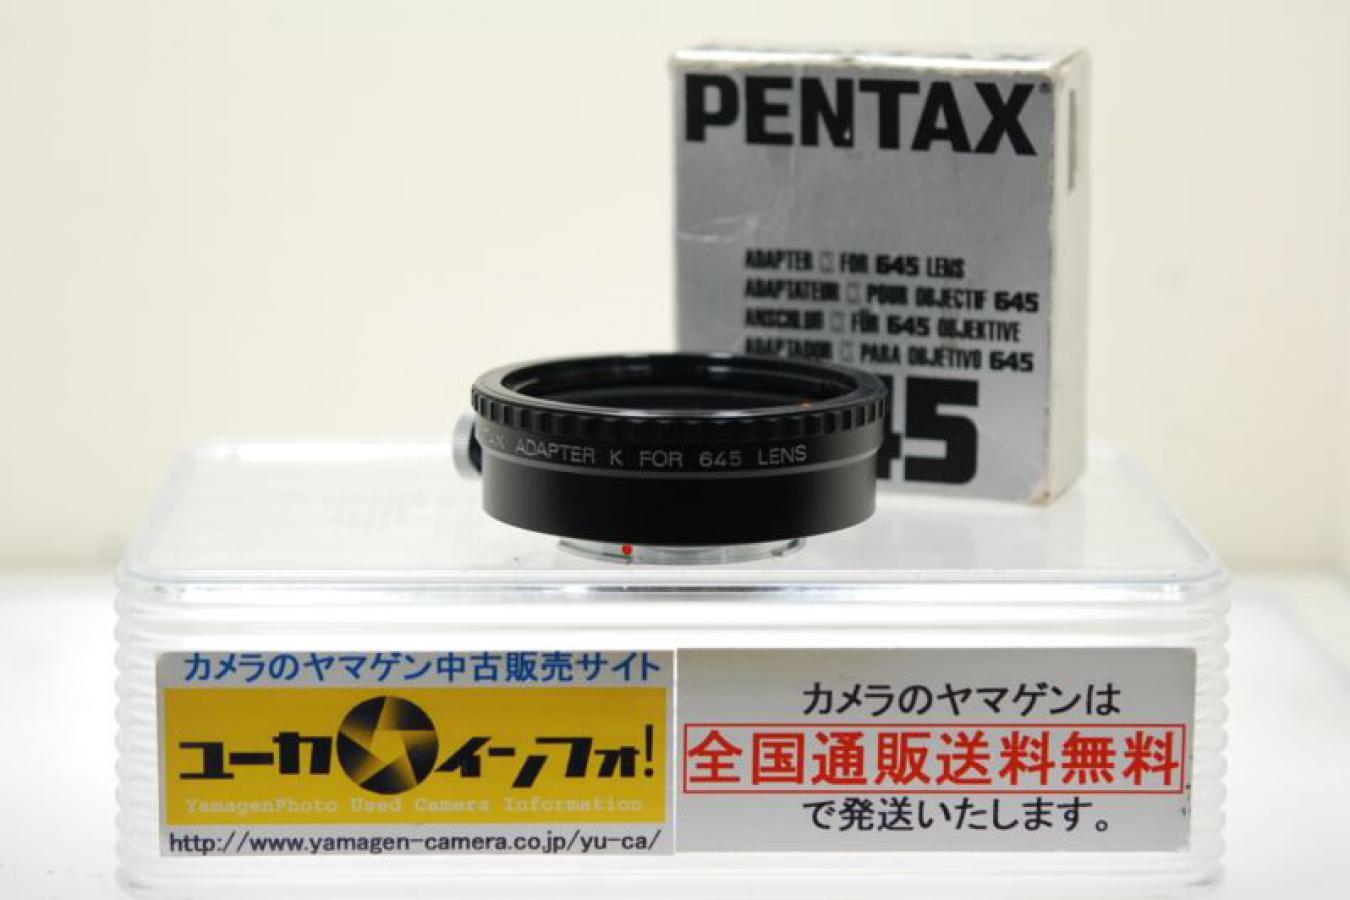 ペンタックス アダプターK FOR 645LENS 【元箱付】